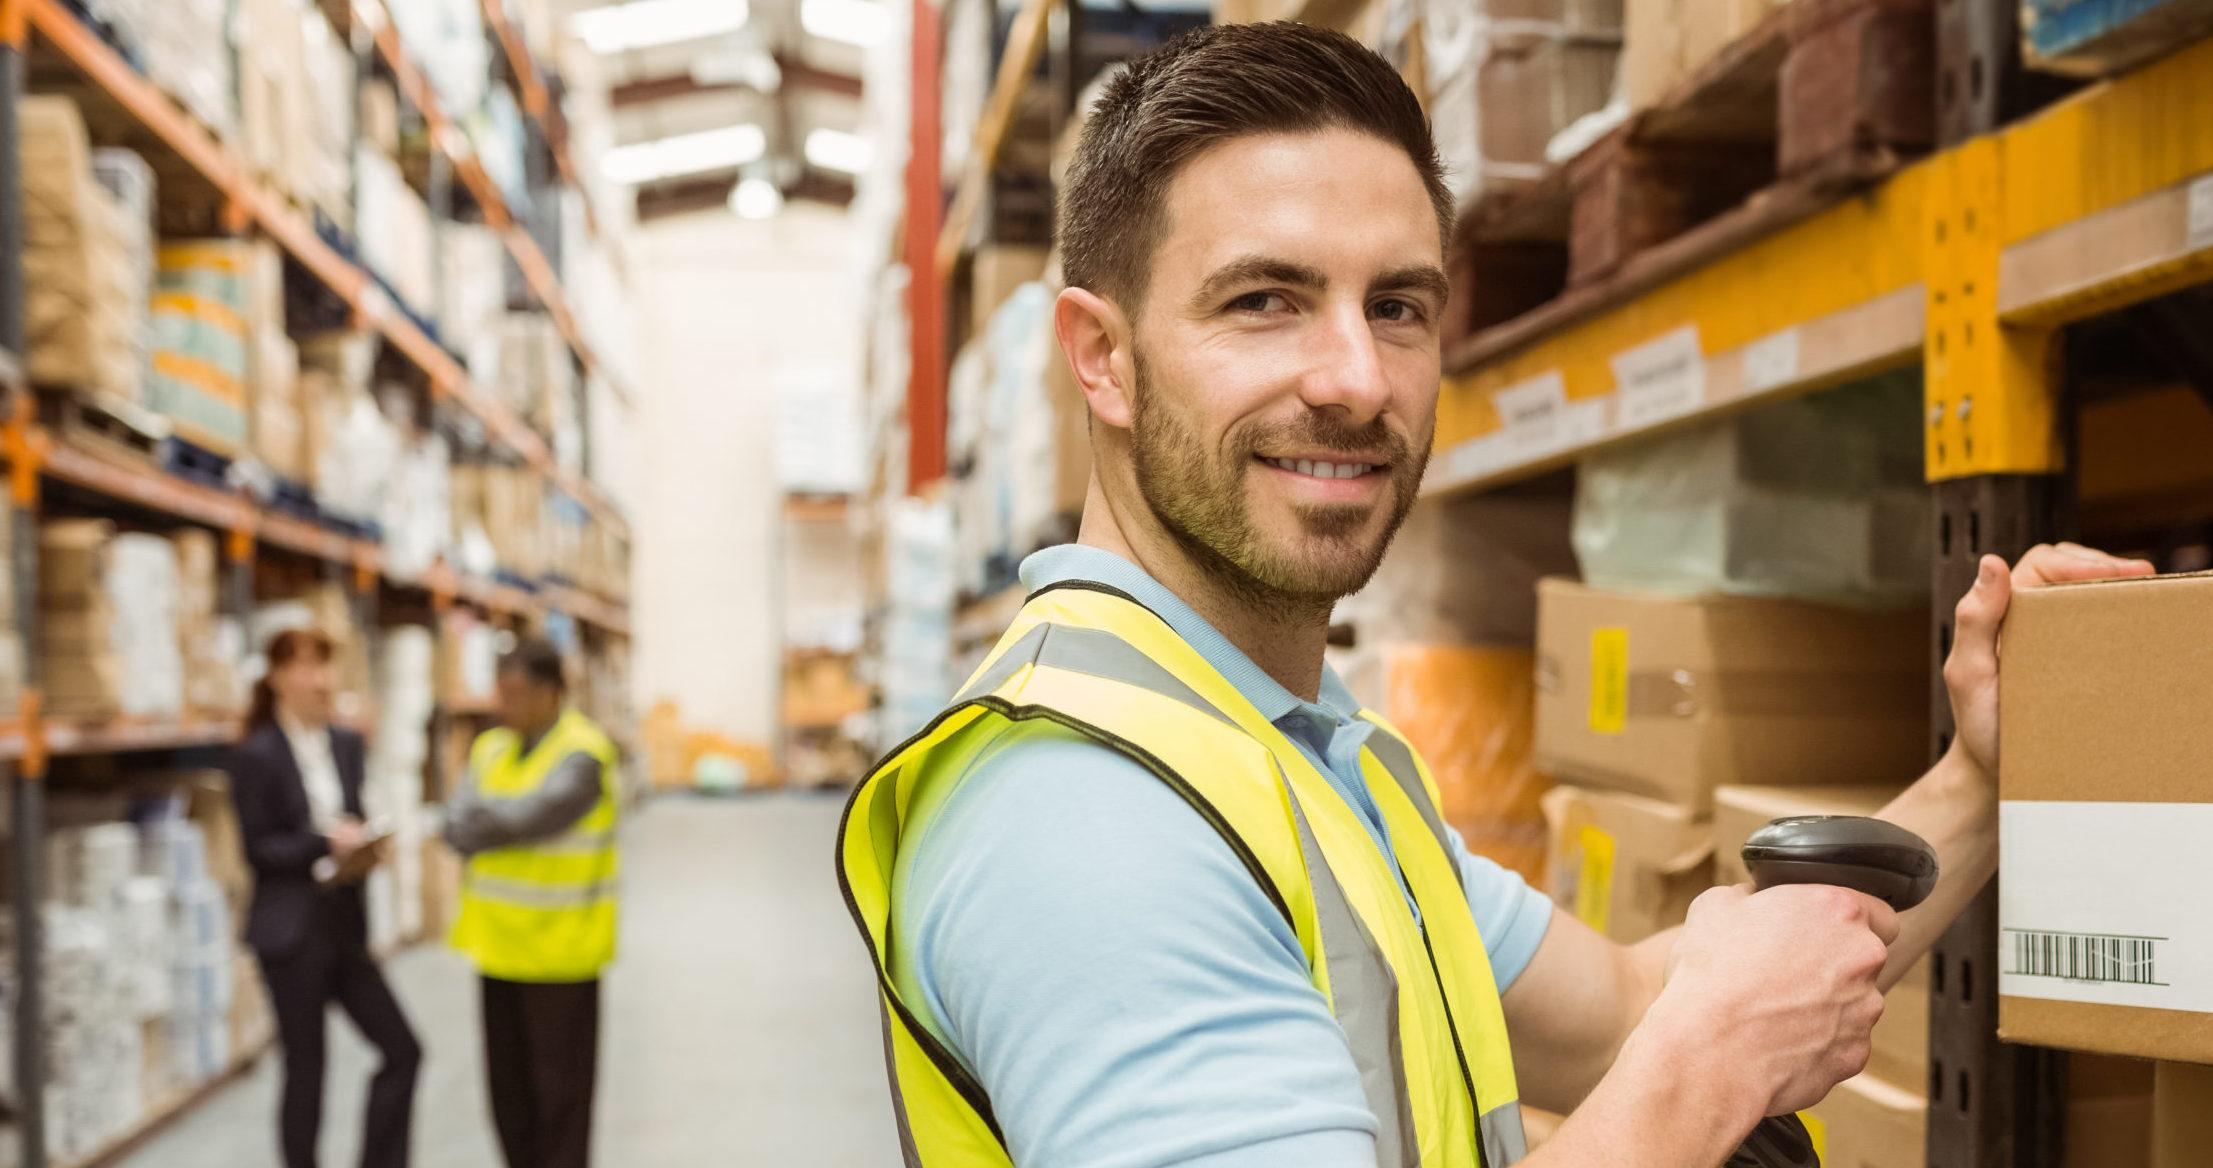 Los puestos de trabajo más demandados en el sector logística